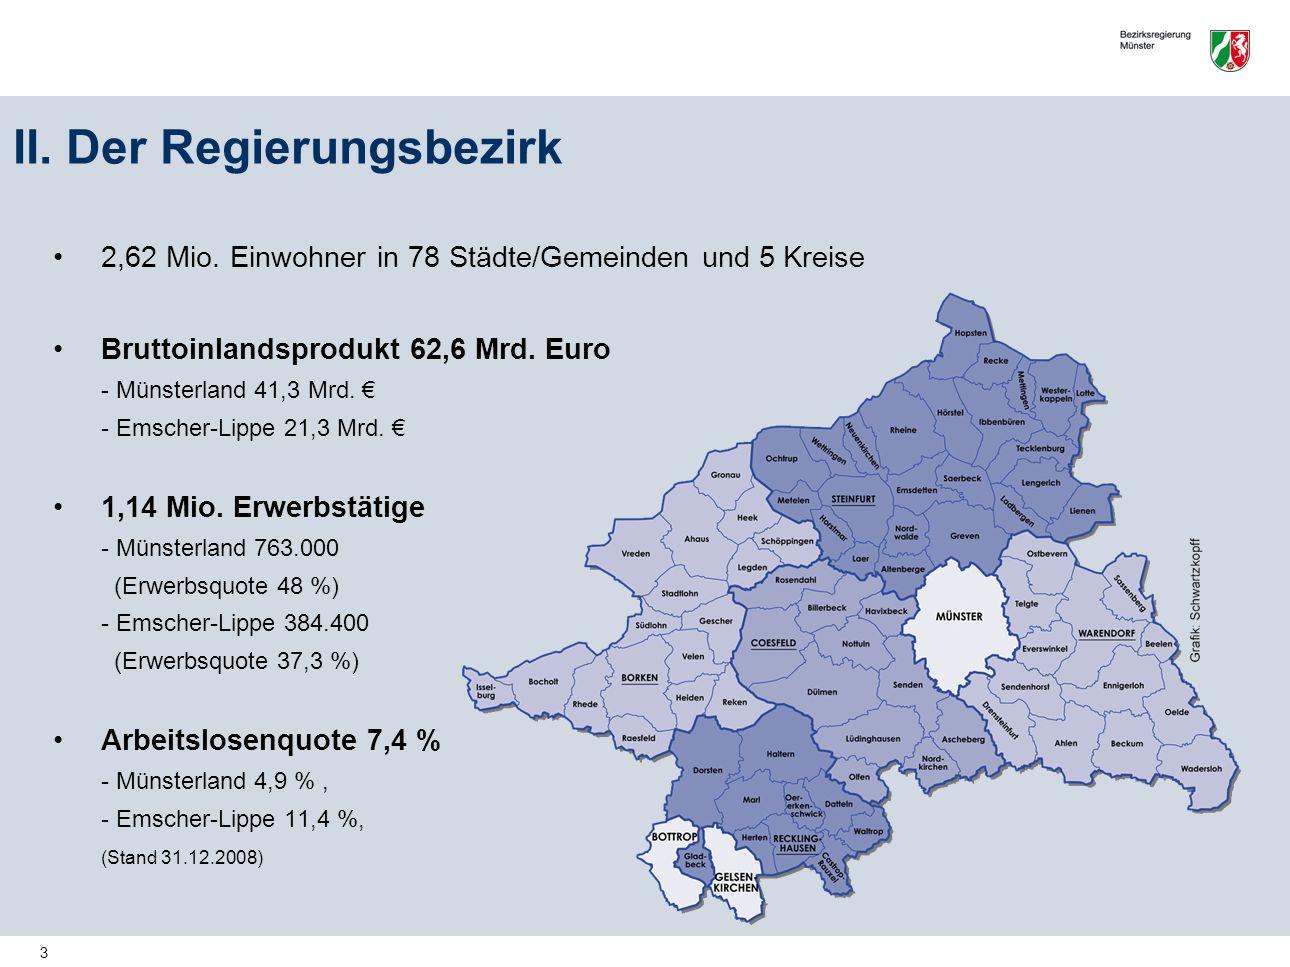 II. Der Regierungsbezirk